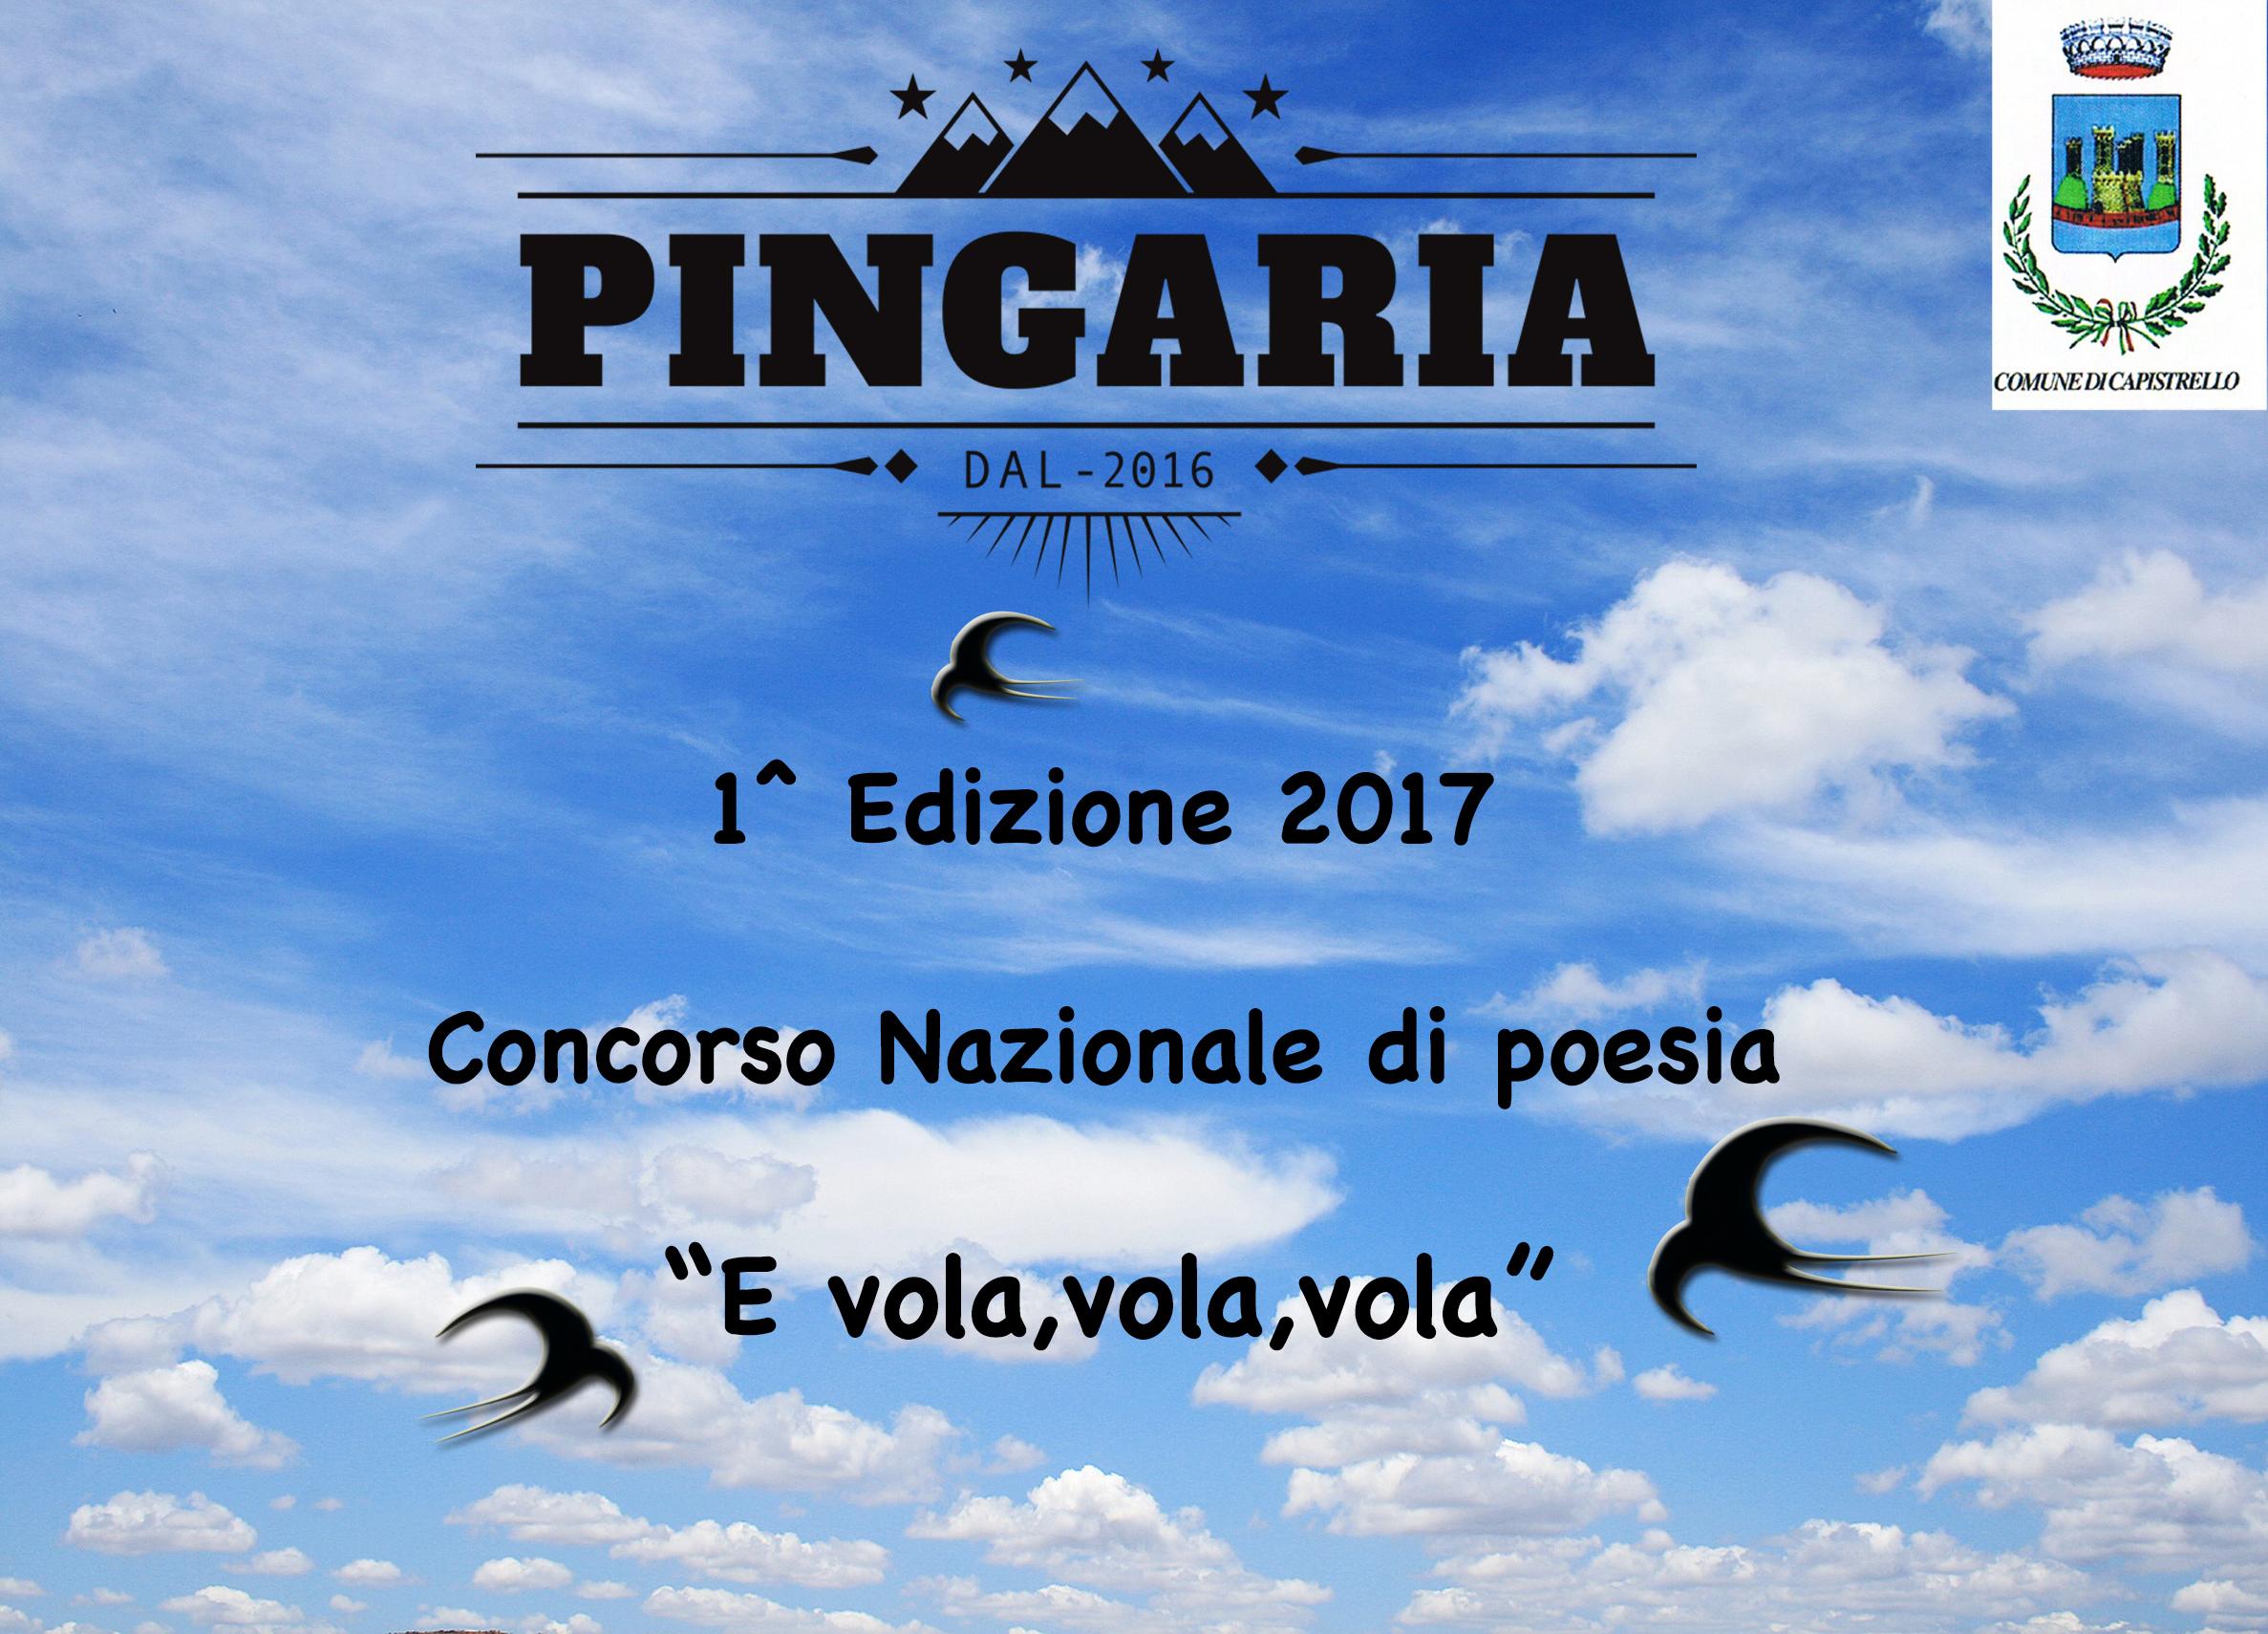 """Prima edizione del concorso di poesia """"E vola vola vola"""". Ecco tutte le informazioni"""